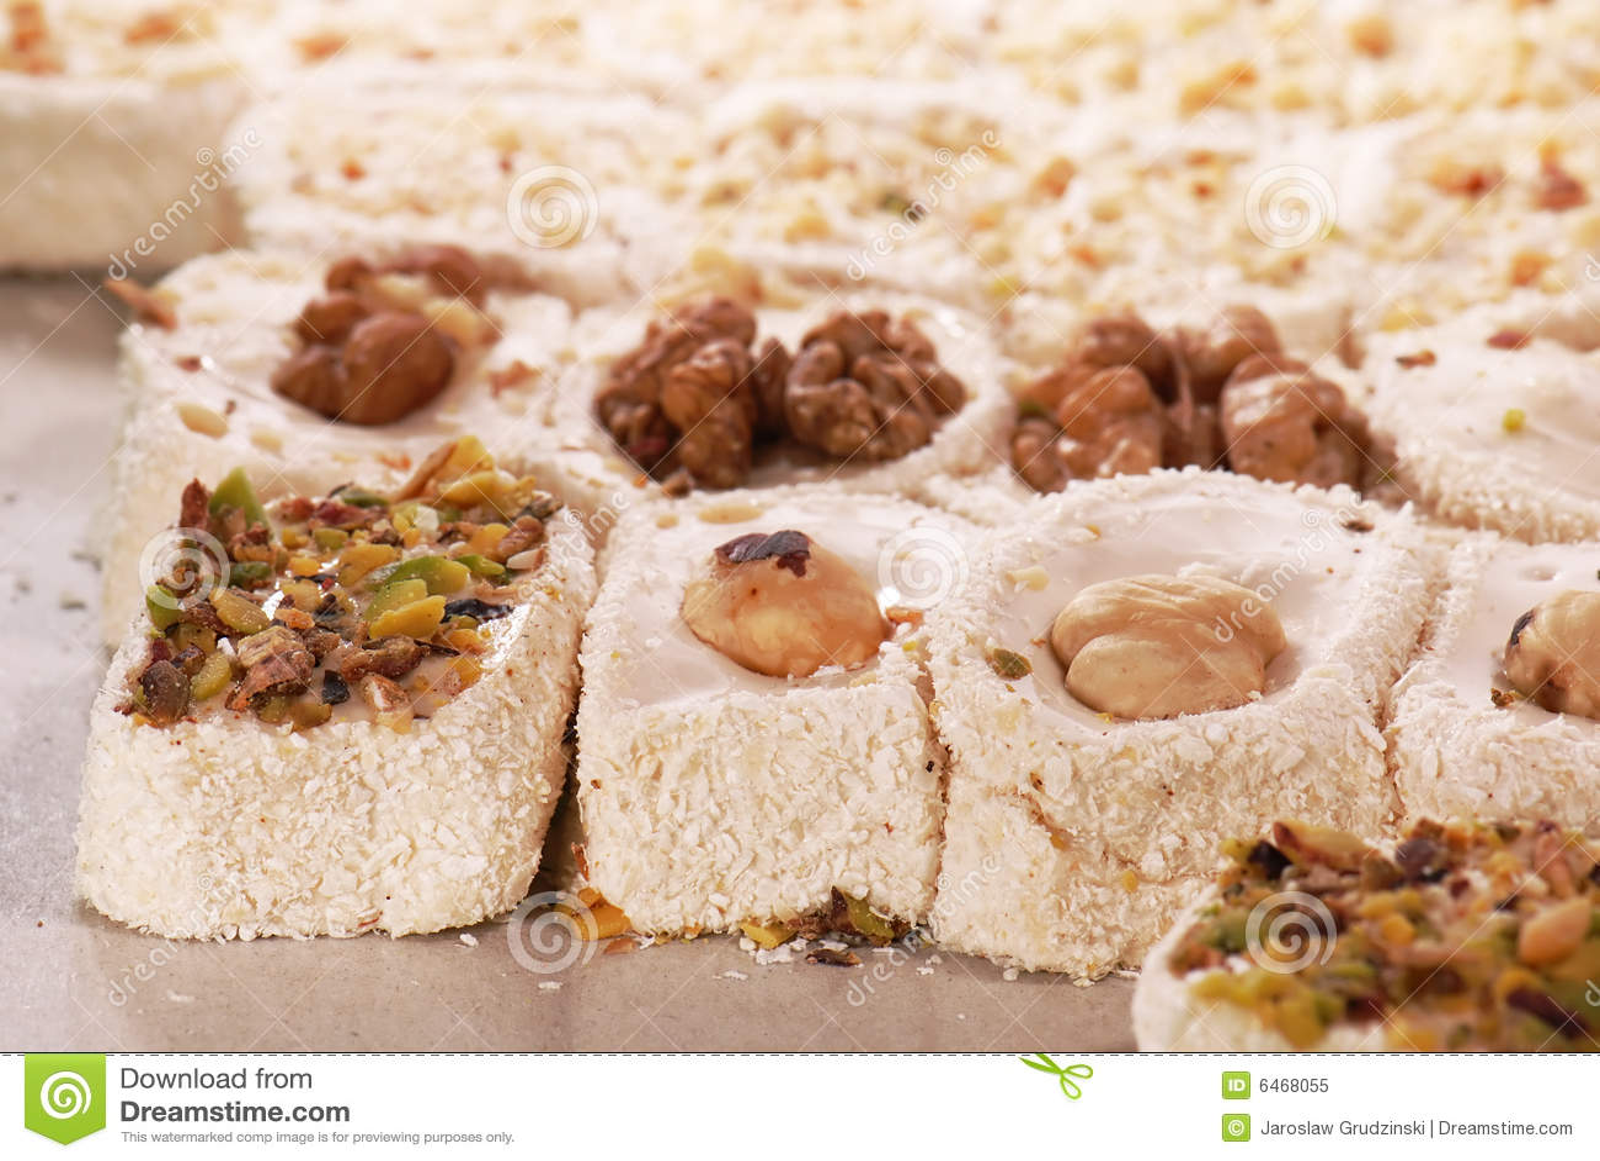 Sweets zachwytów tureckich